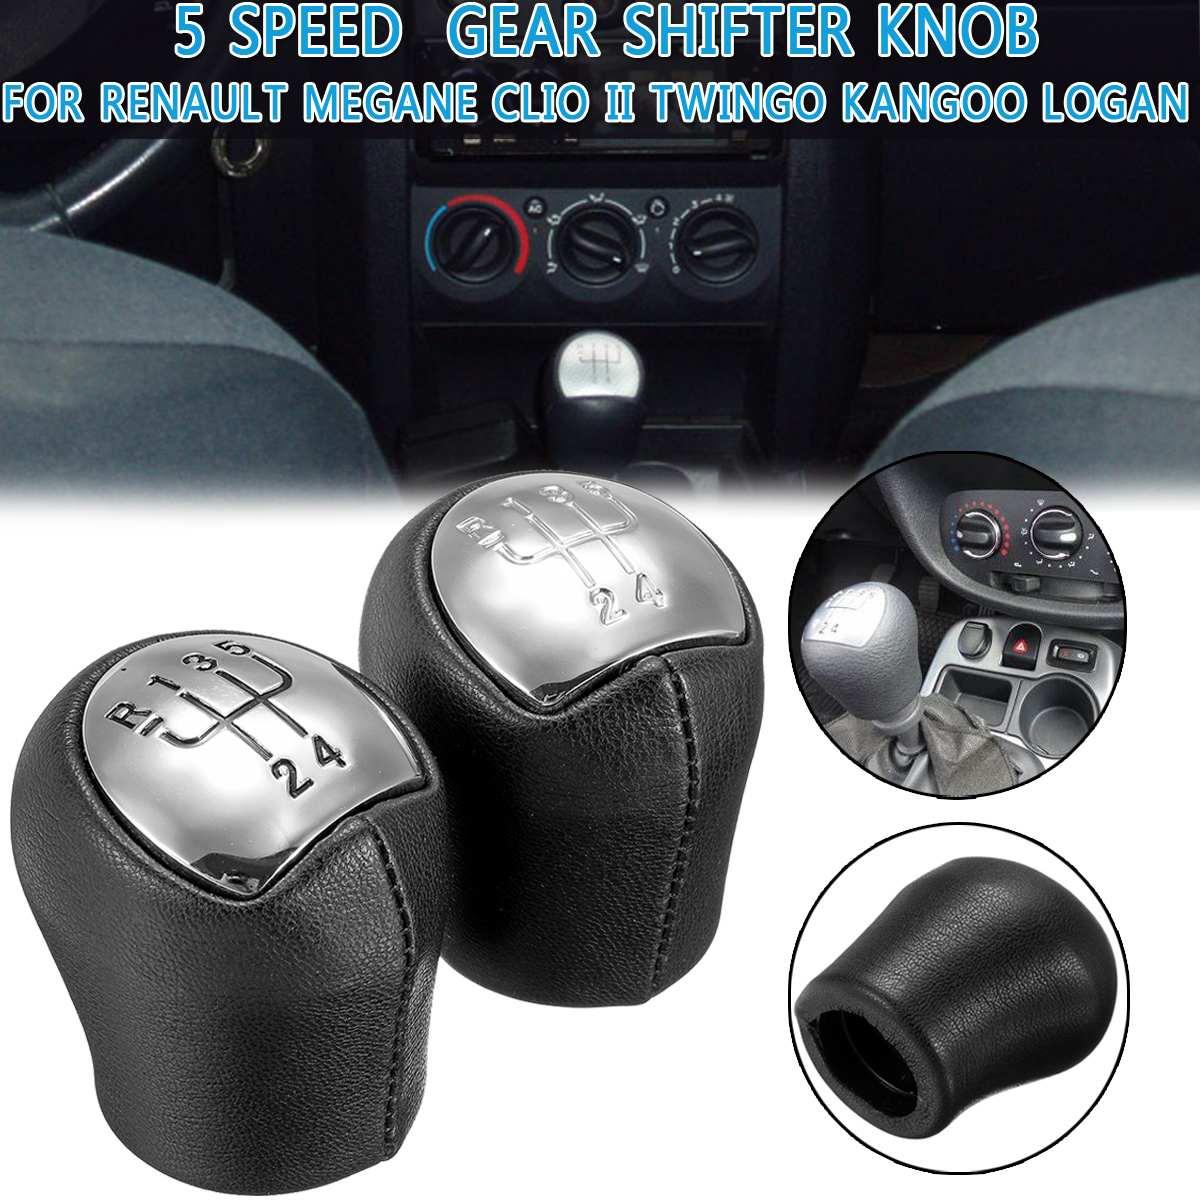 Manual Gear Shift Knob 5 Speed Car Gear Shifter Knob Stick Head